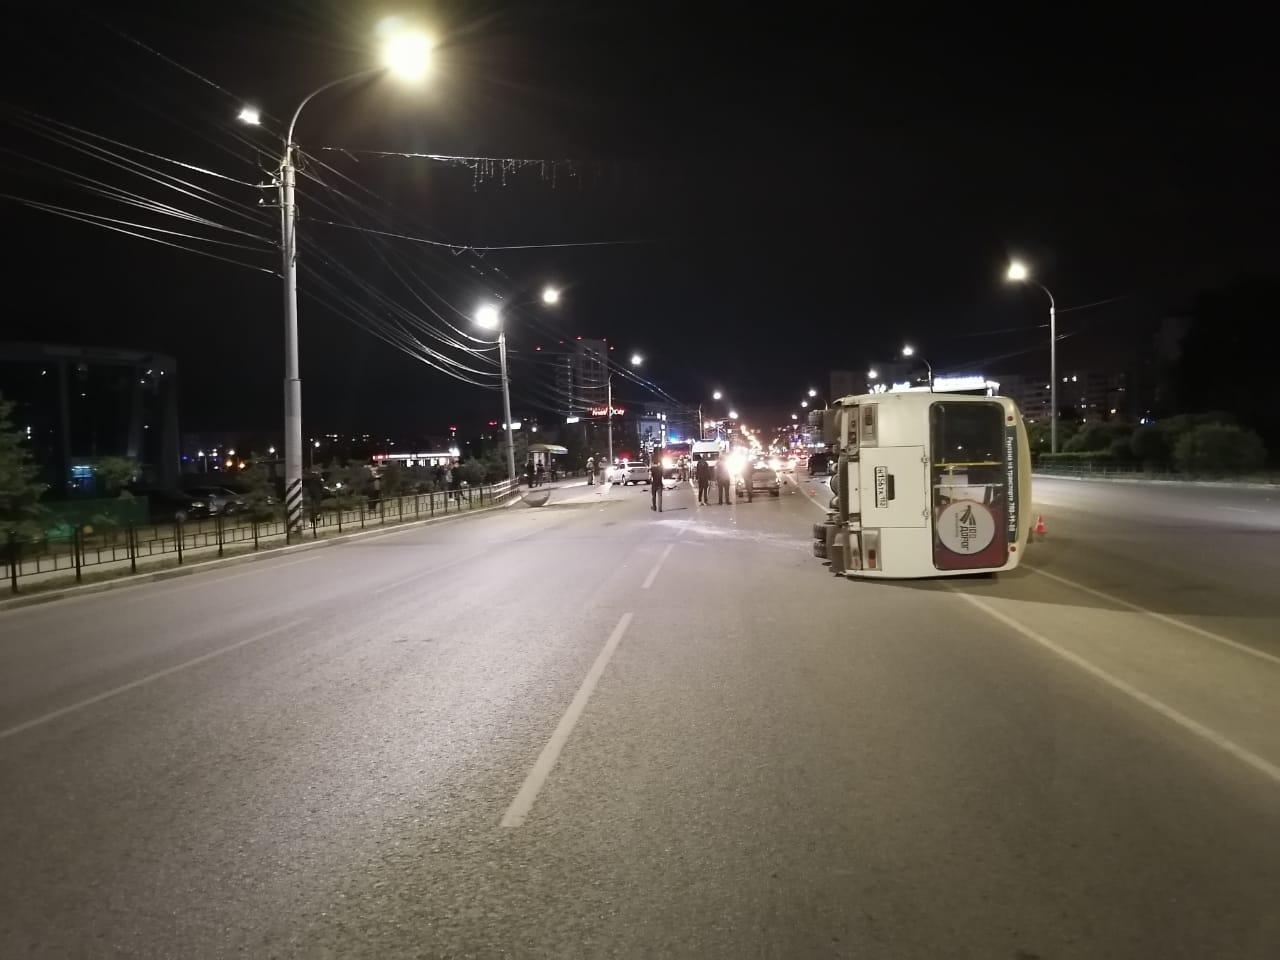 В Омске автобус с детьми попал в серьезное ДТП: пострадали 4 человека #Новости #Общество #Омск